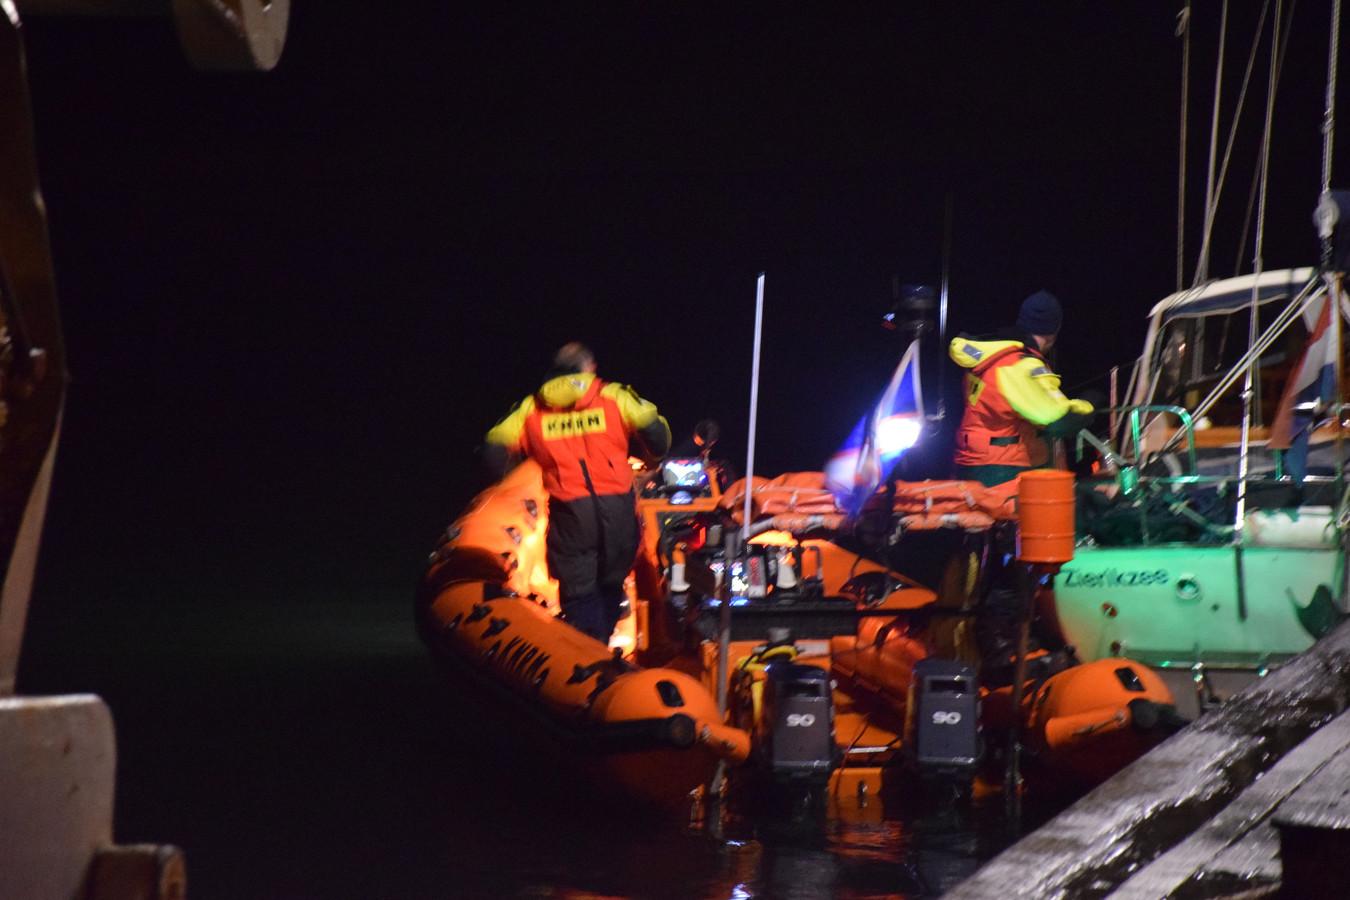 Vrijdagavond 13 december is een man van zijn zeilboot gevallen ter hoogte van Brouwershaven. Hij werd gered door de KNRM.